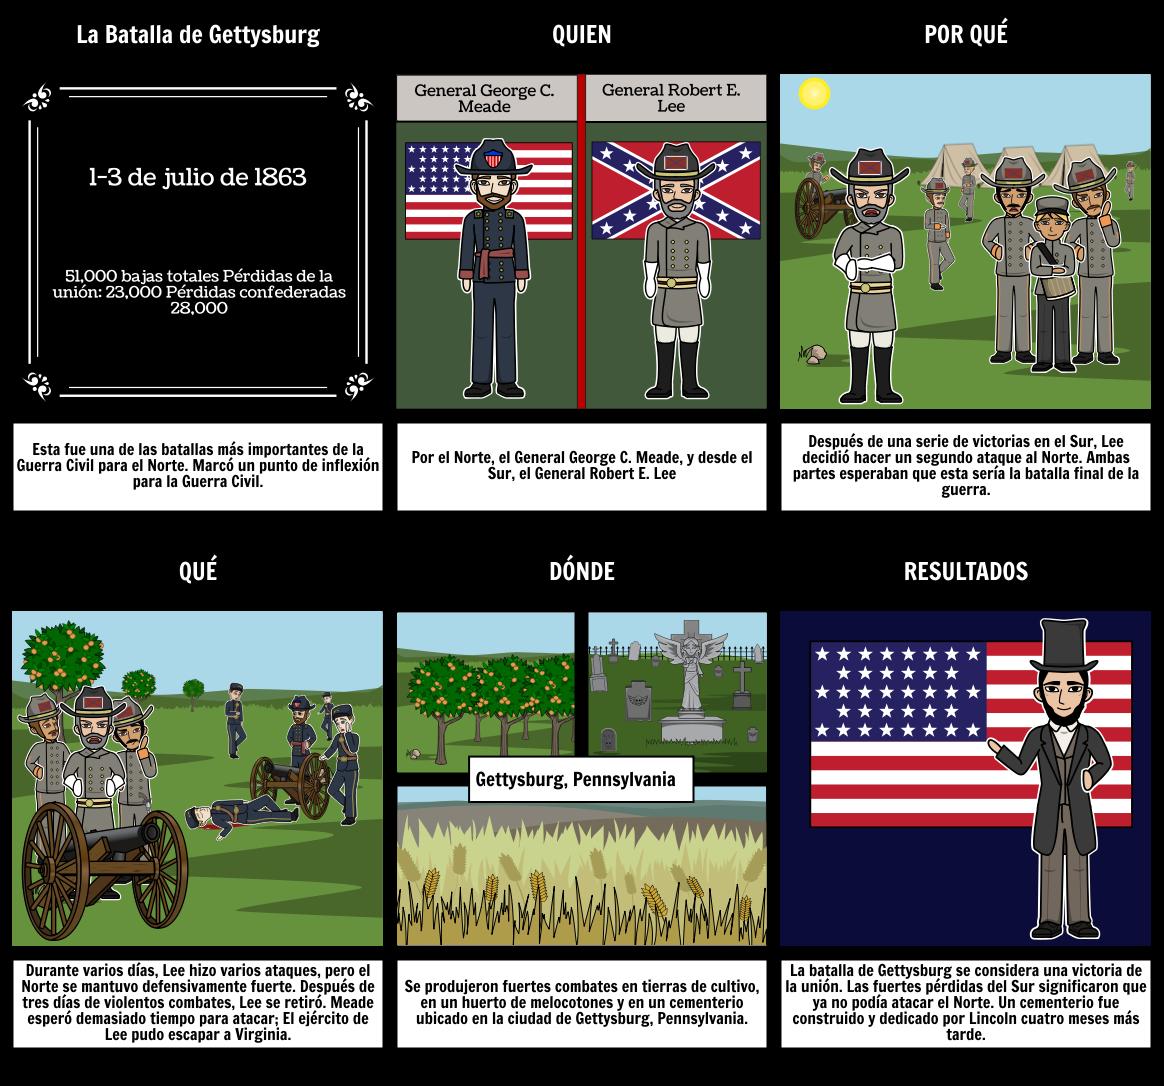 Causas de la guerra civil | Ley de Derechos Civiles de 1866 | Guerra ...